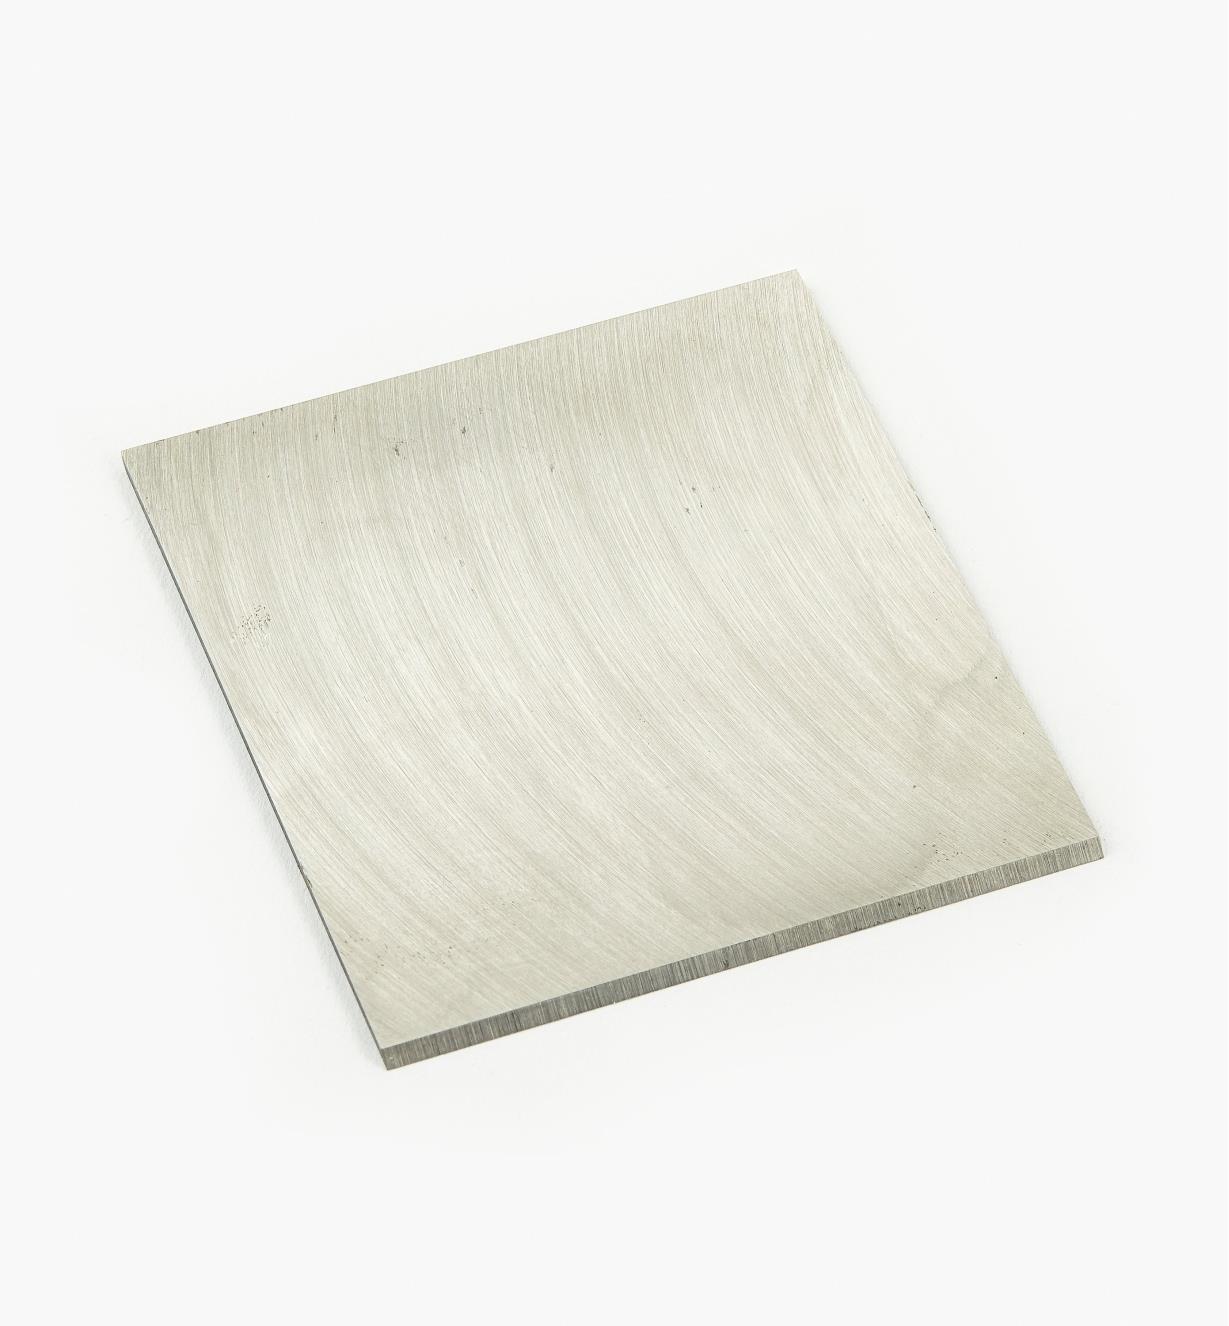 05P3180 - #80 Cabinet Scraper Blade